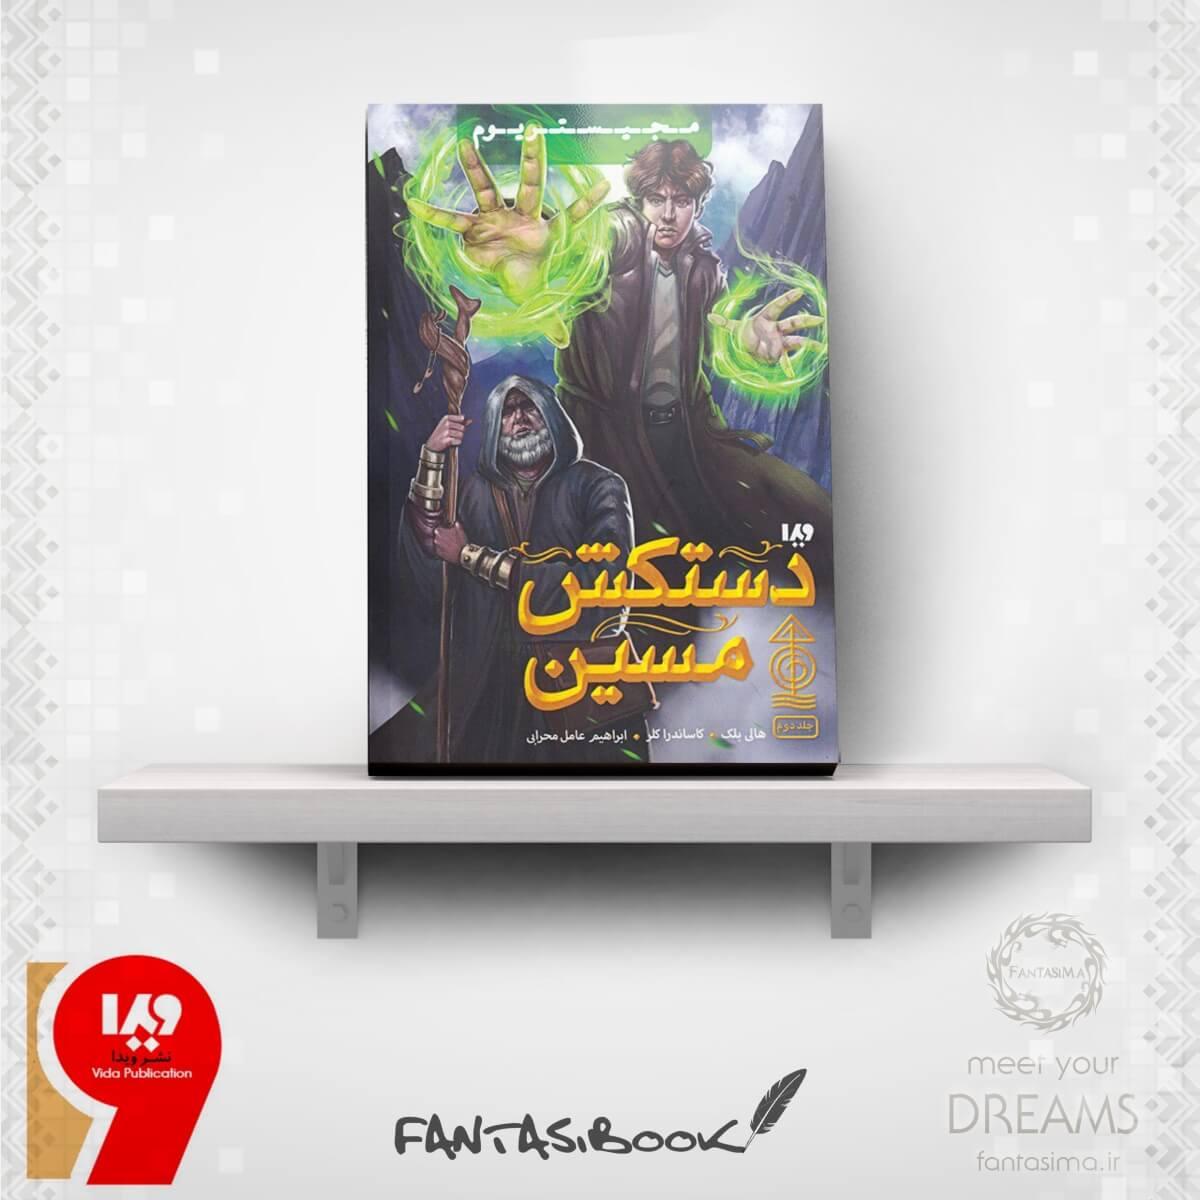 کتاب مجیستریوم - جلد 2 - دستکش مسین